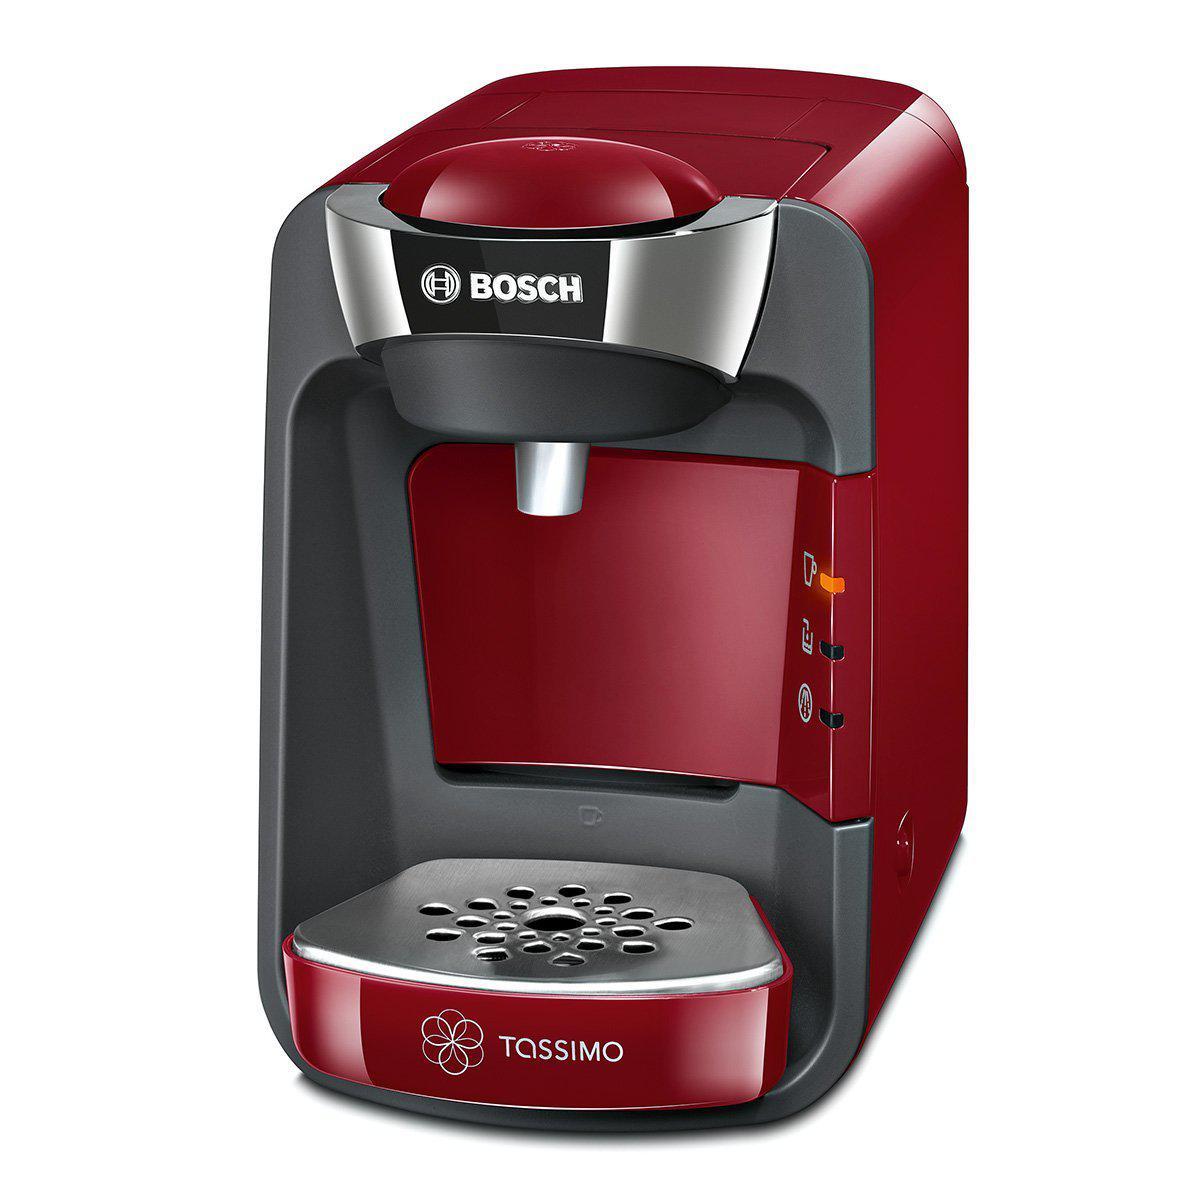 Machine à café Tassimo Bosch TAS3203 - 1300W